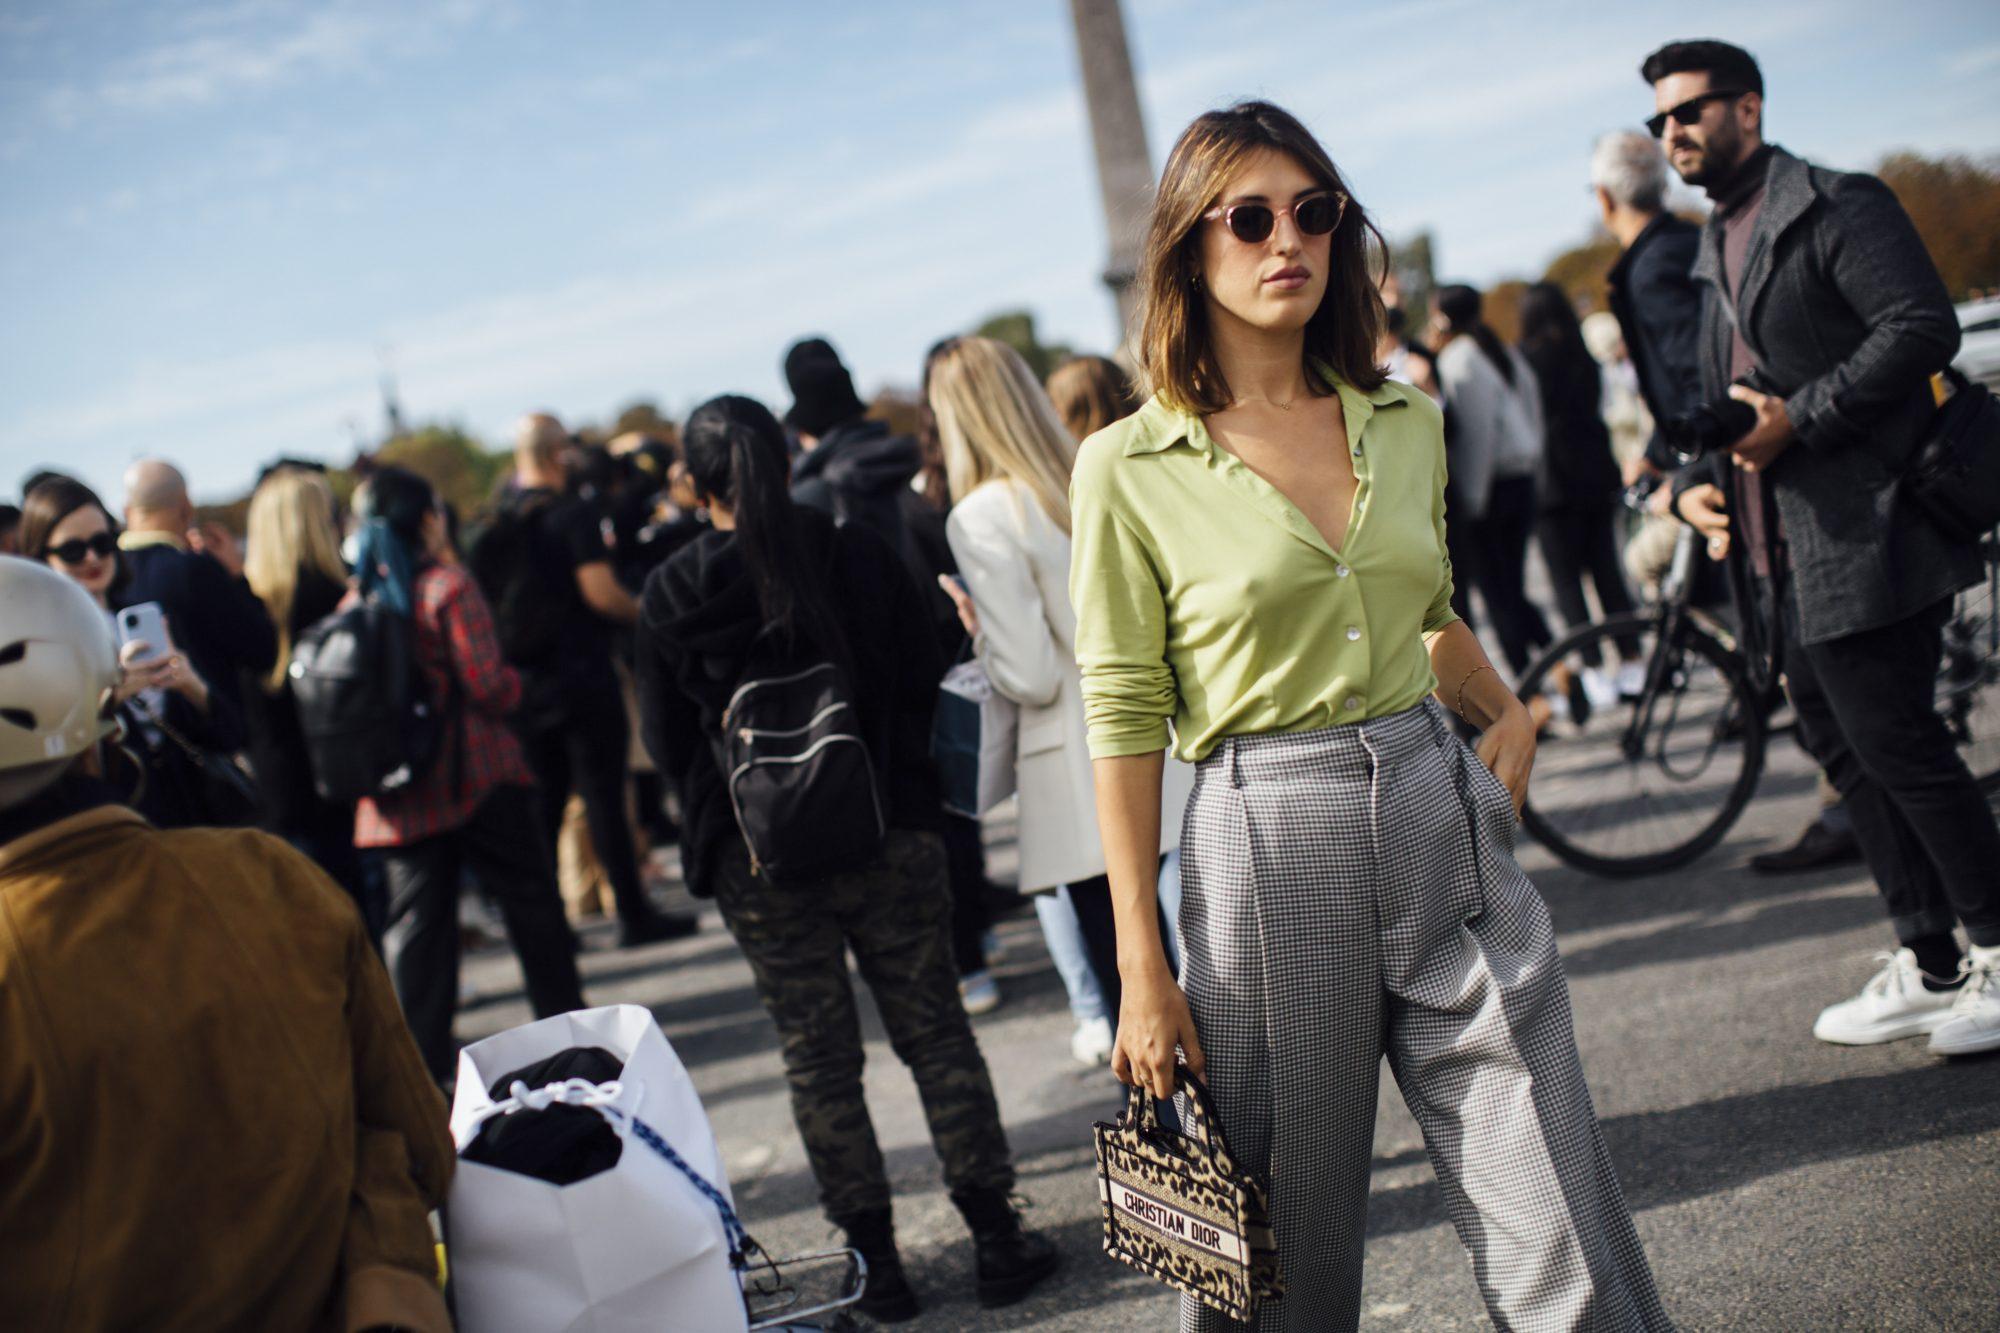 Βρήκαμε τα 5 key items που δεν πρέπει να λείπουν από την φθινοπωρινή σου γκαρνταρόμπα Έχοντας αυτά τα fashion items στην ντουλάπα σου, θα καταφέρεις να δημιουργήσεις τα πιο stylish outfits του φθινοπώρου.